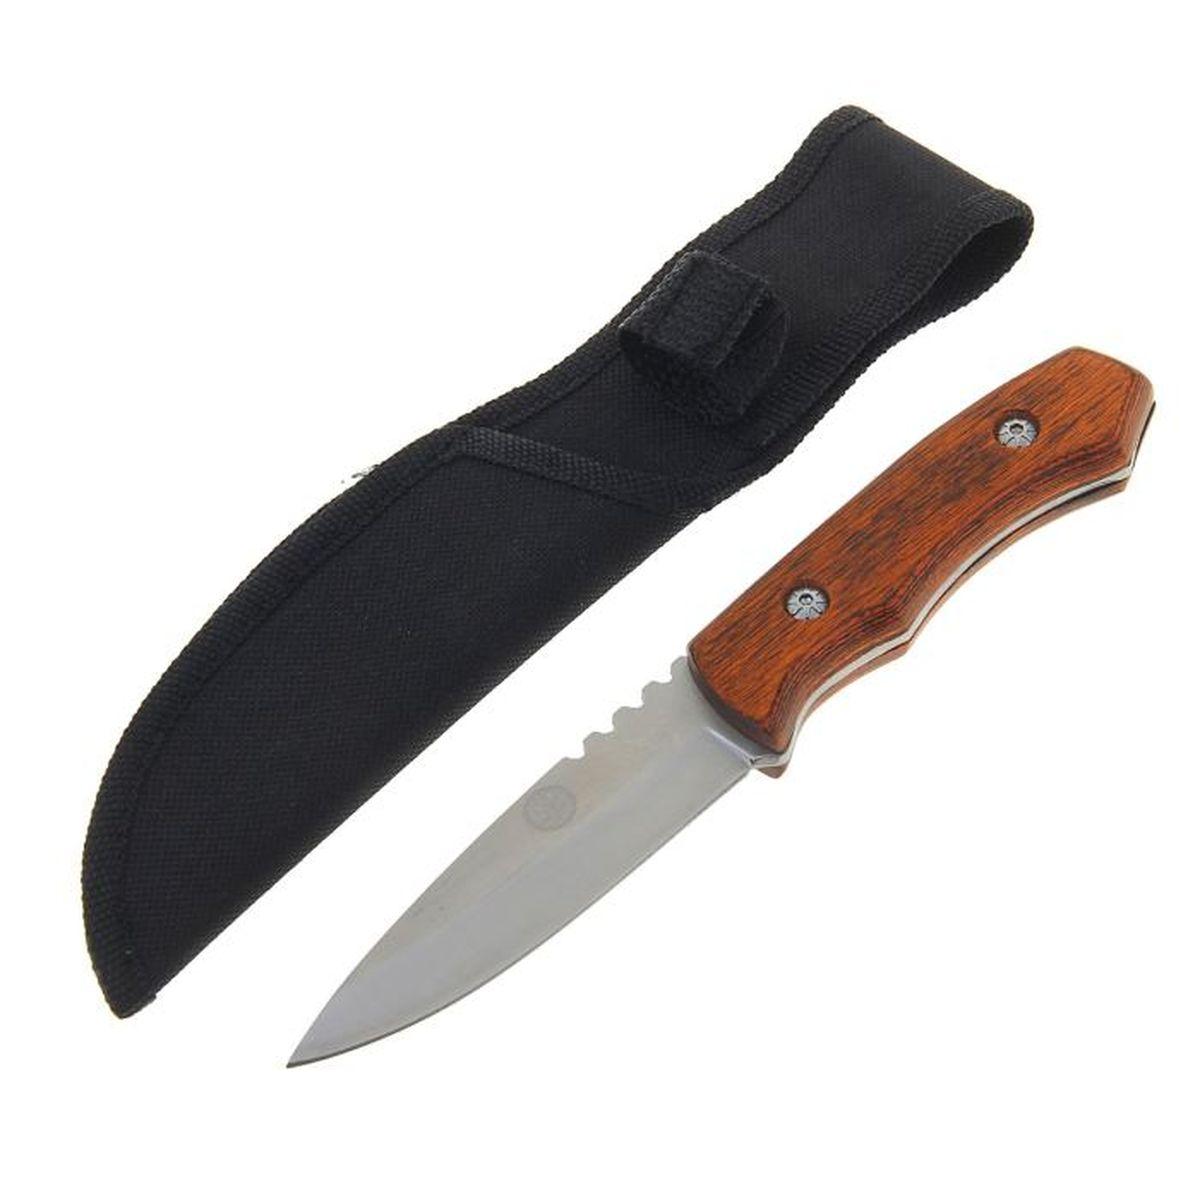 Нож разделочный Командор, длина лезвия 9,8 см. 12775821277582Лезвие ножа Командор выполнено из стали, рукоять - из дерева. Нож практически не подвержен износу и способен служить годами. Такой инструмент будет вашим постоянным спутником во время охоты или рыбалки.Нож - неотъемлемый атрибут настоящего мужчины. Издревле ножи и клинки вручались знатным особам за проявление отваги и чести на военной службе. Такие подарки очень ценились и становились семейными реликвиями. Сегодня нож - это прекрасный подарок, который подойдет любому мужчине.Длина лезвия: 9,8 см.Длина рукояти: 9,8 см.В комплекте чехол из текстиля.